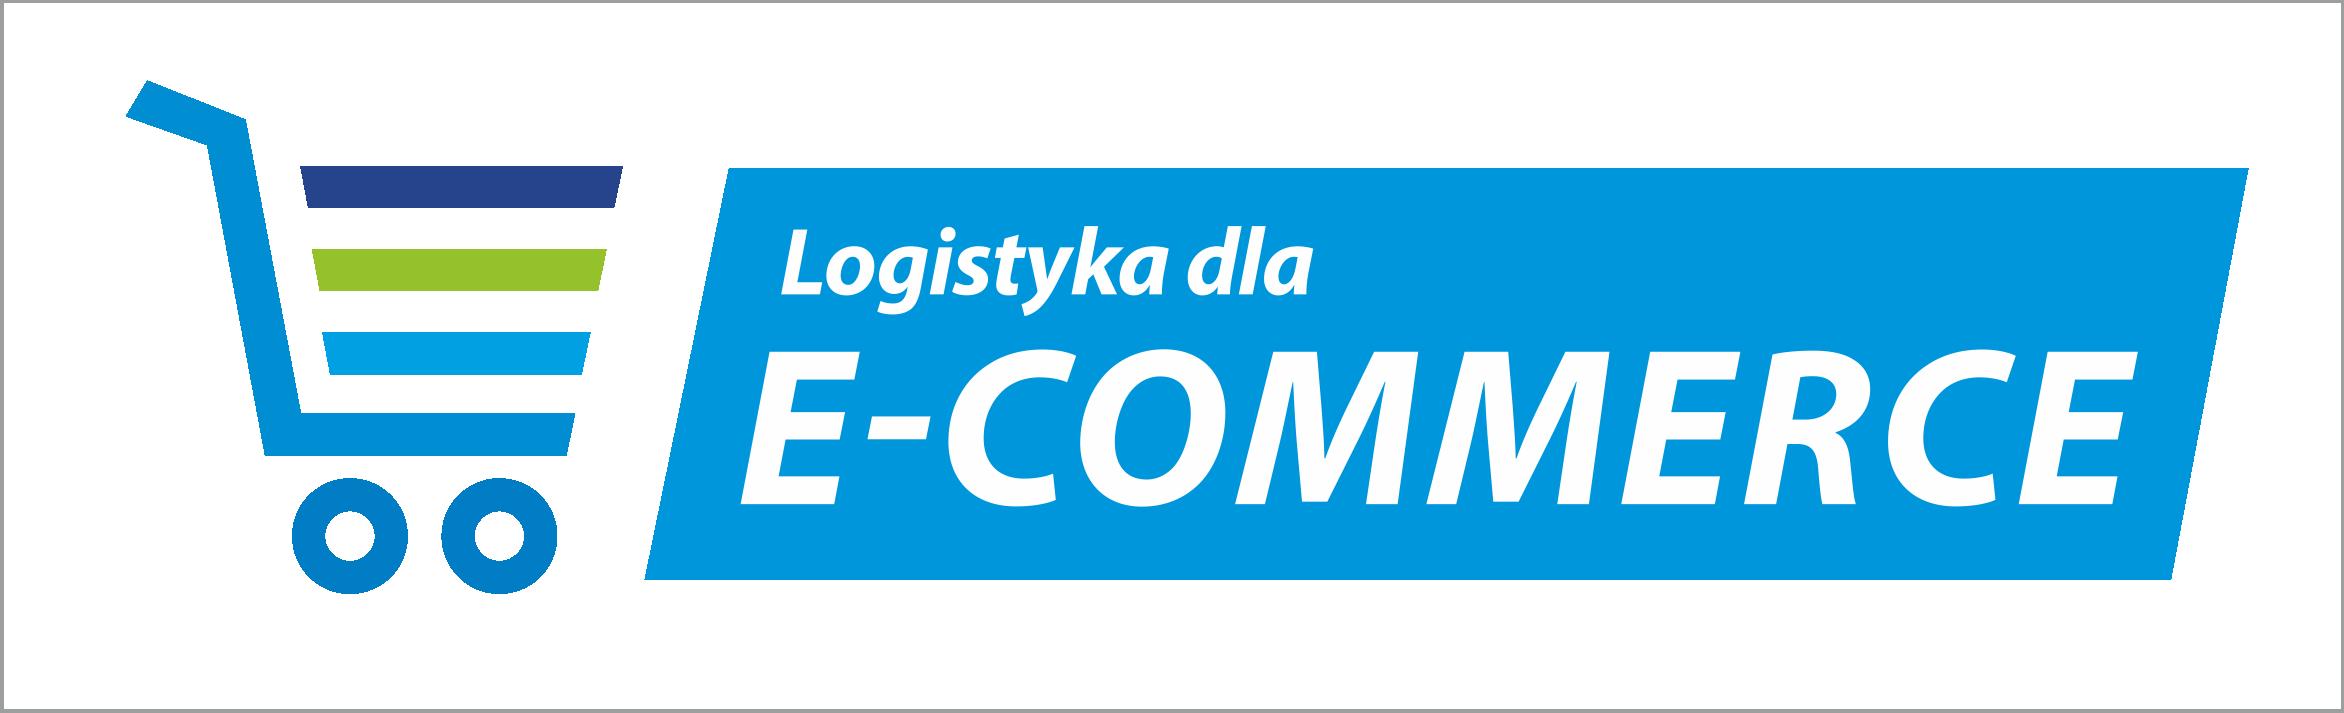 e-commerce_ROHLIG_SUUS_Logistics_jasny.png